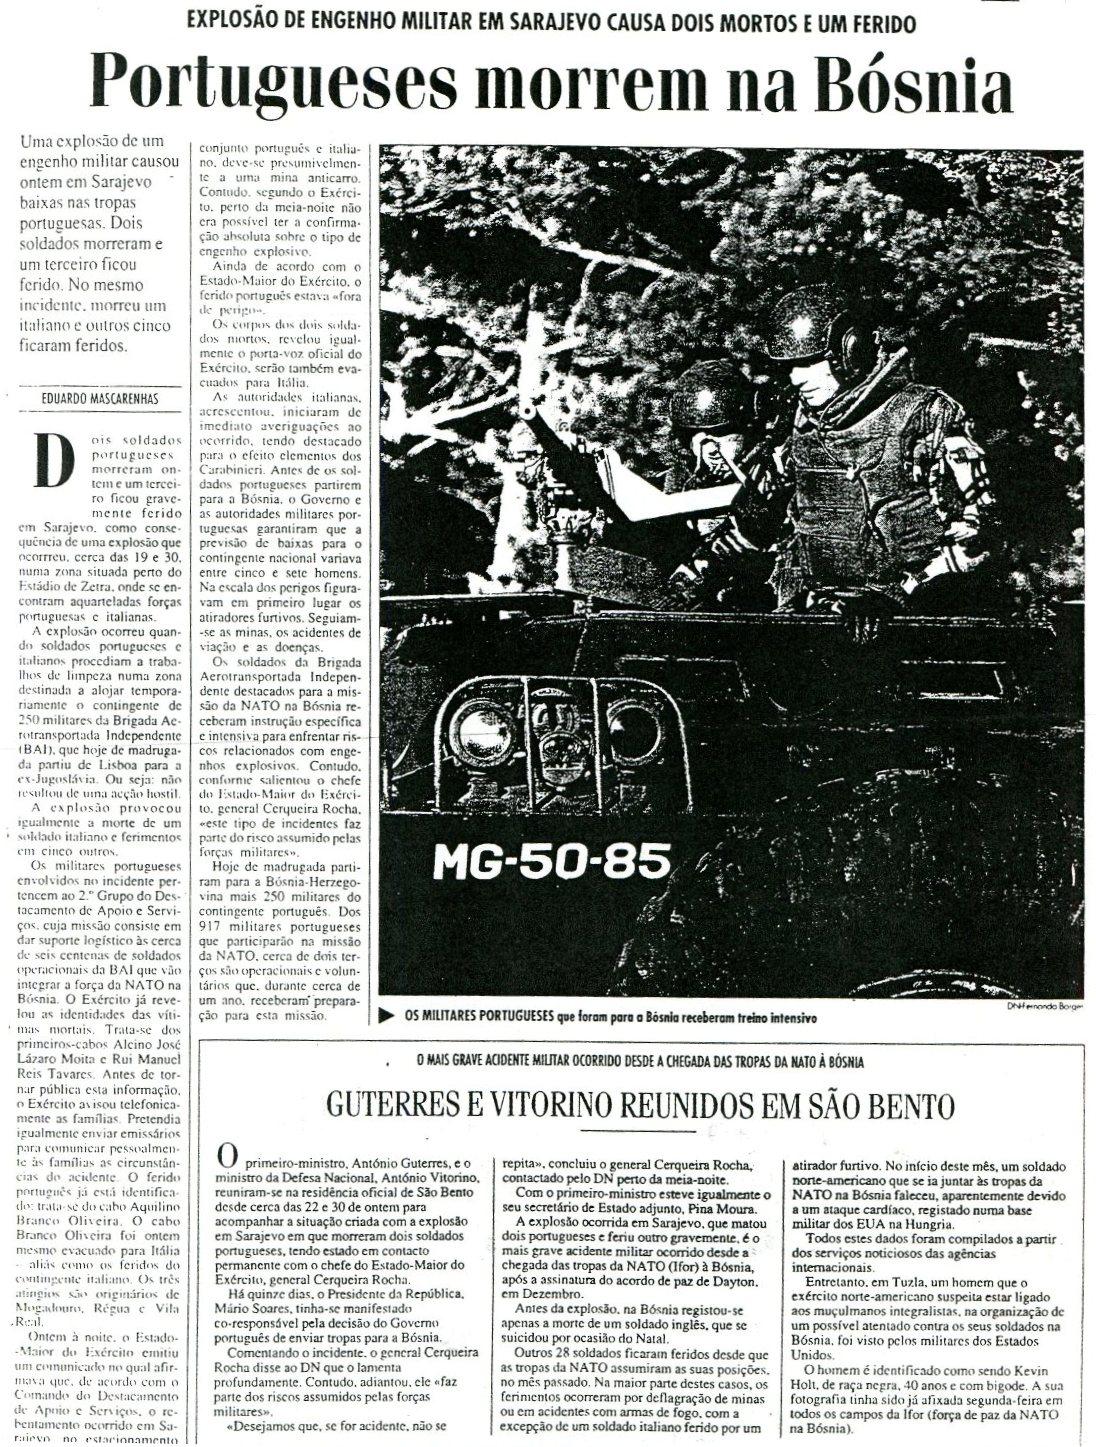 25JAN96 - Diário de Notícias